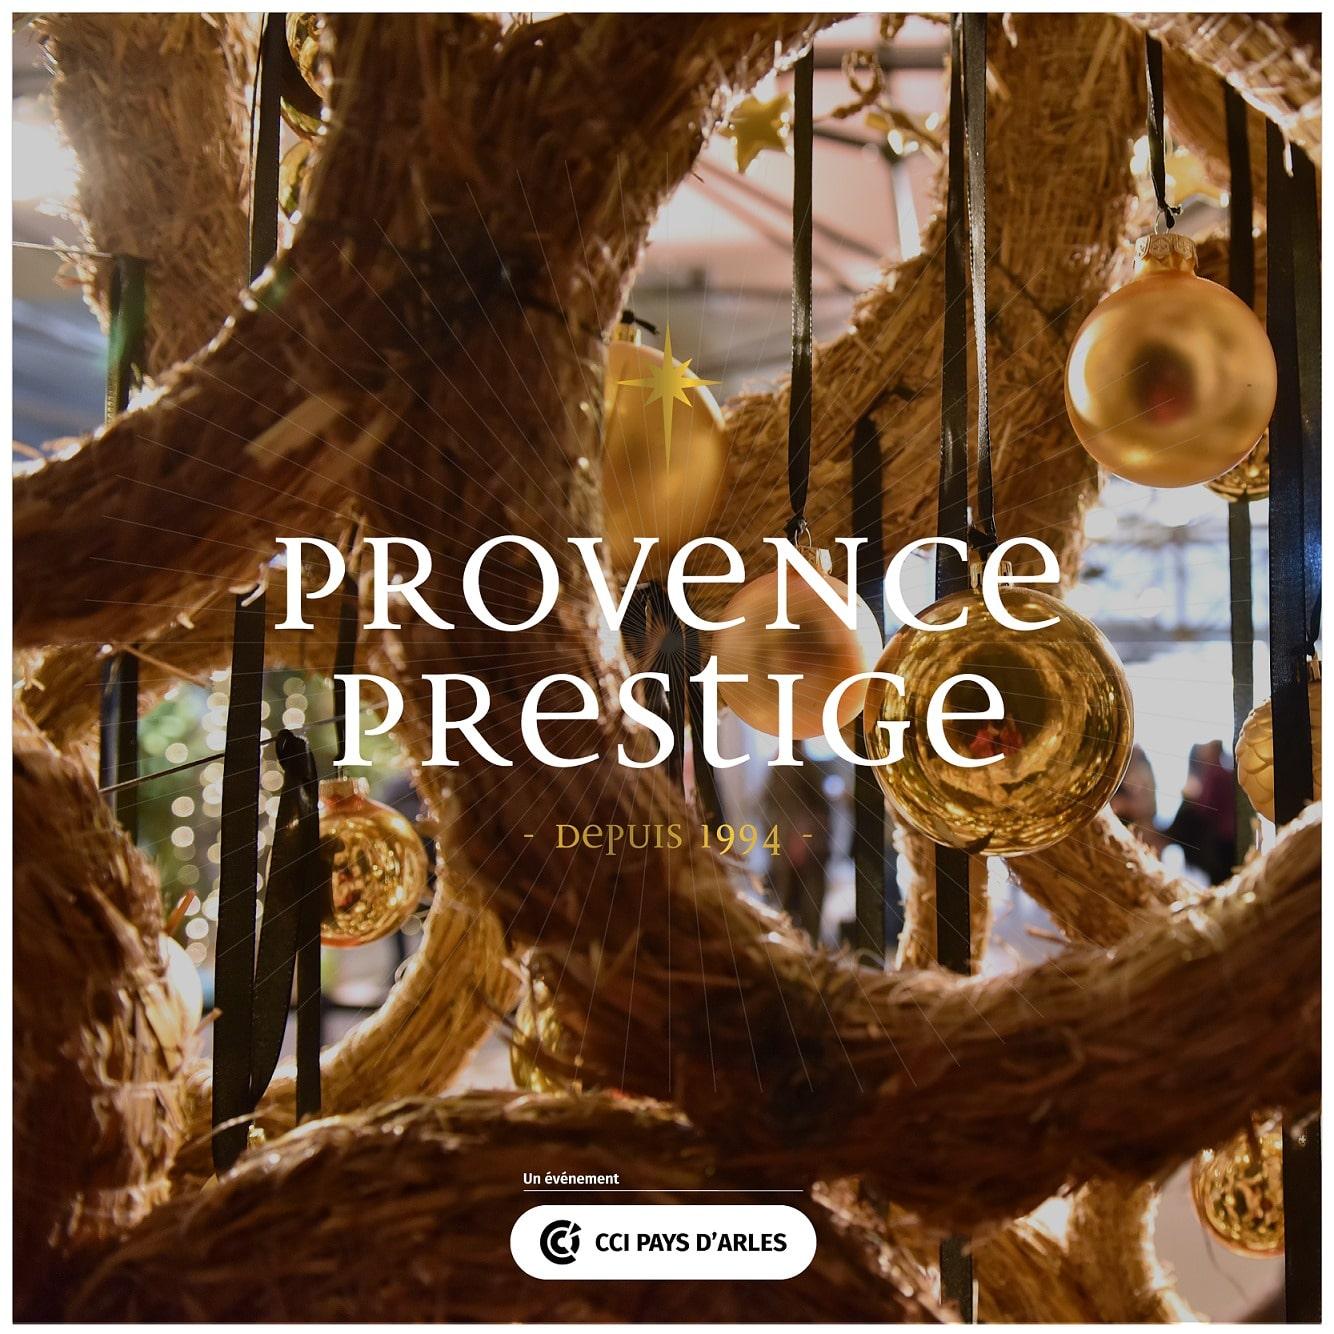 Marche Provencal Provence Prestige-renovation de cuisine Alpilles